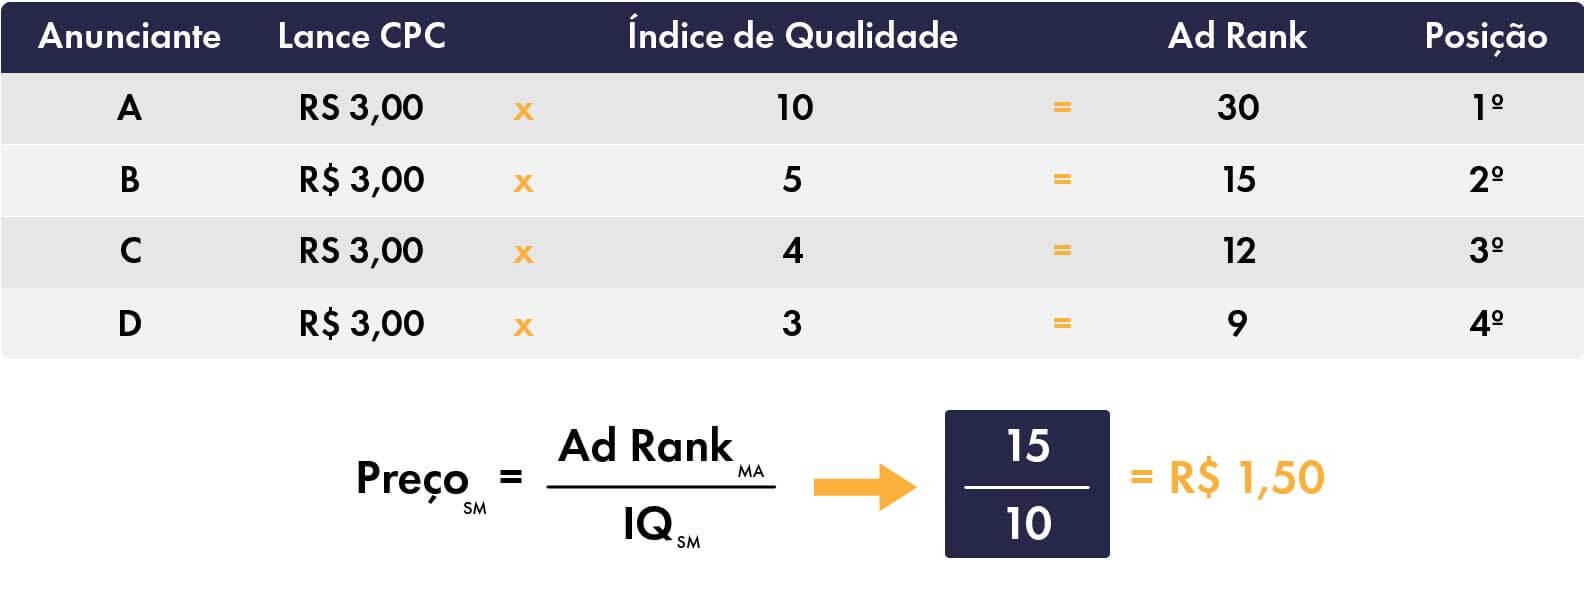 índice-de-qualidade-google-ads-ad-rank